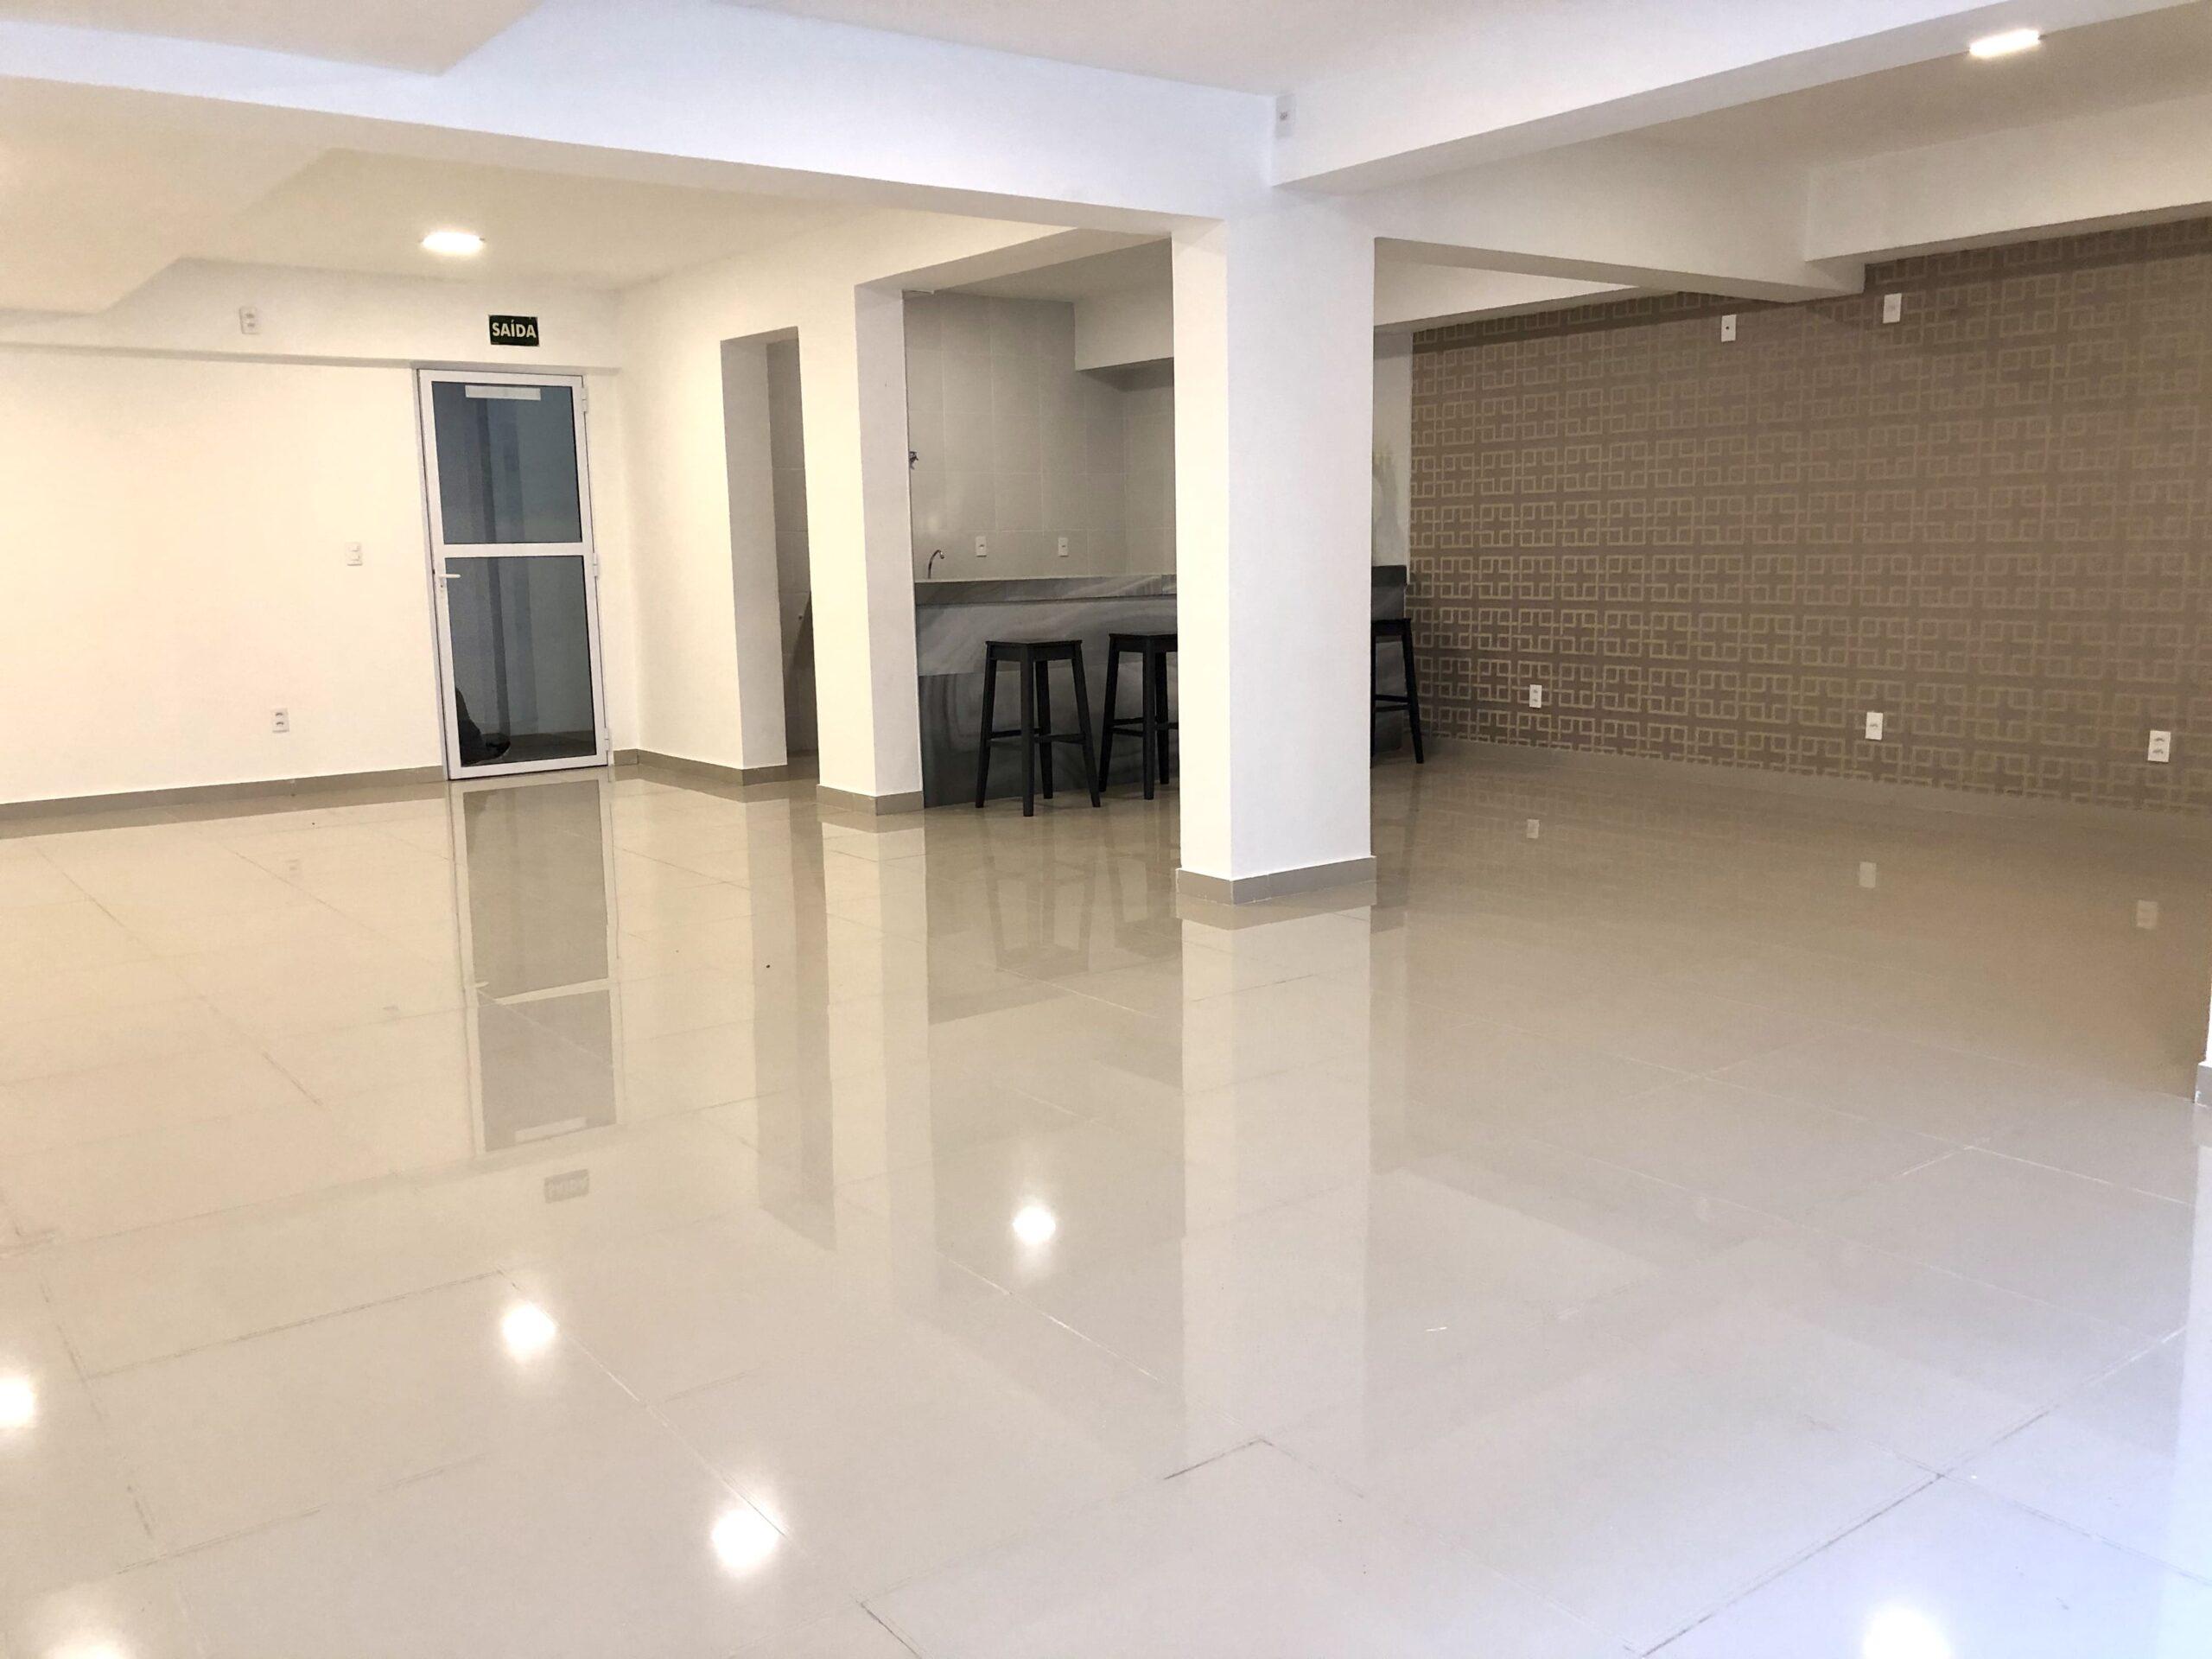 13 Apartamento para venda no Edifício Recanto das Palmeiras Teresina,3 Quartos, sendo 1 suíte, banheiro social, 1 vaga, piso em porcelanato